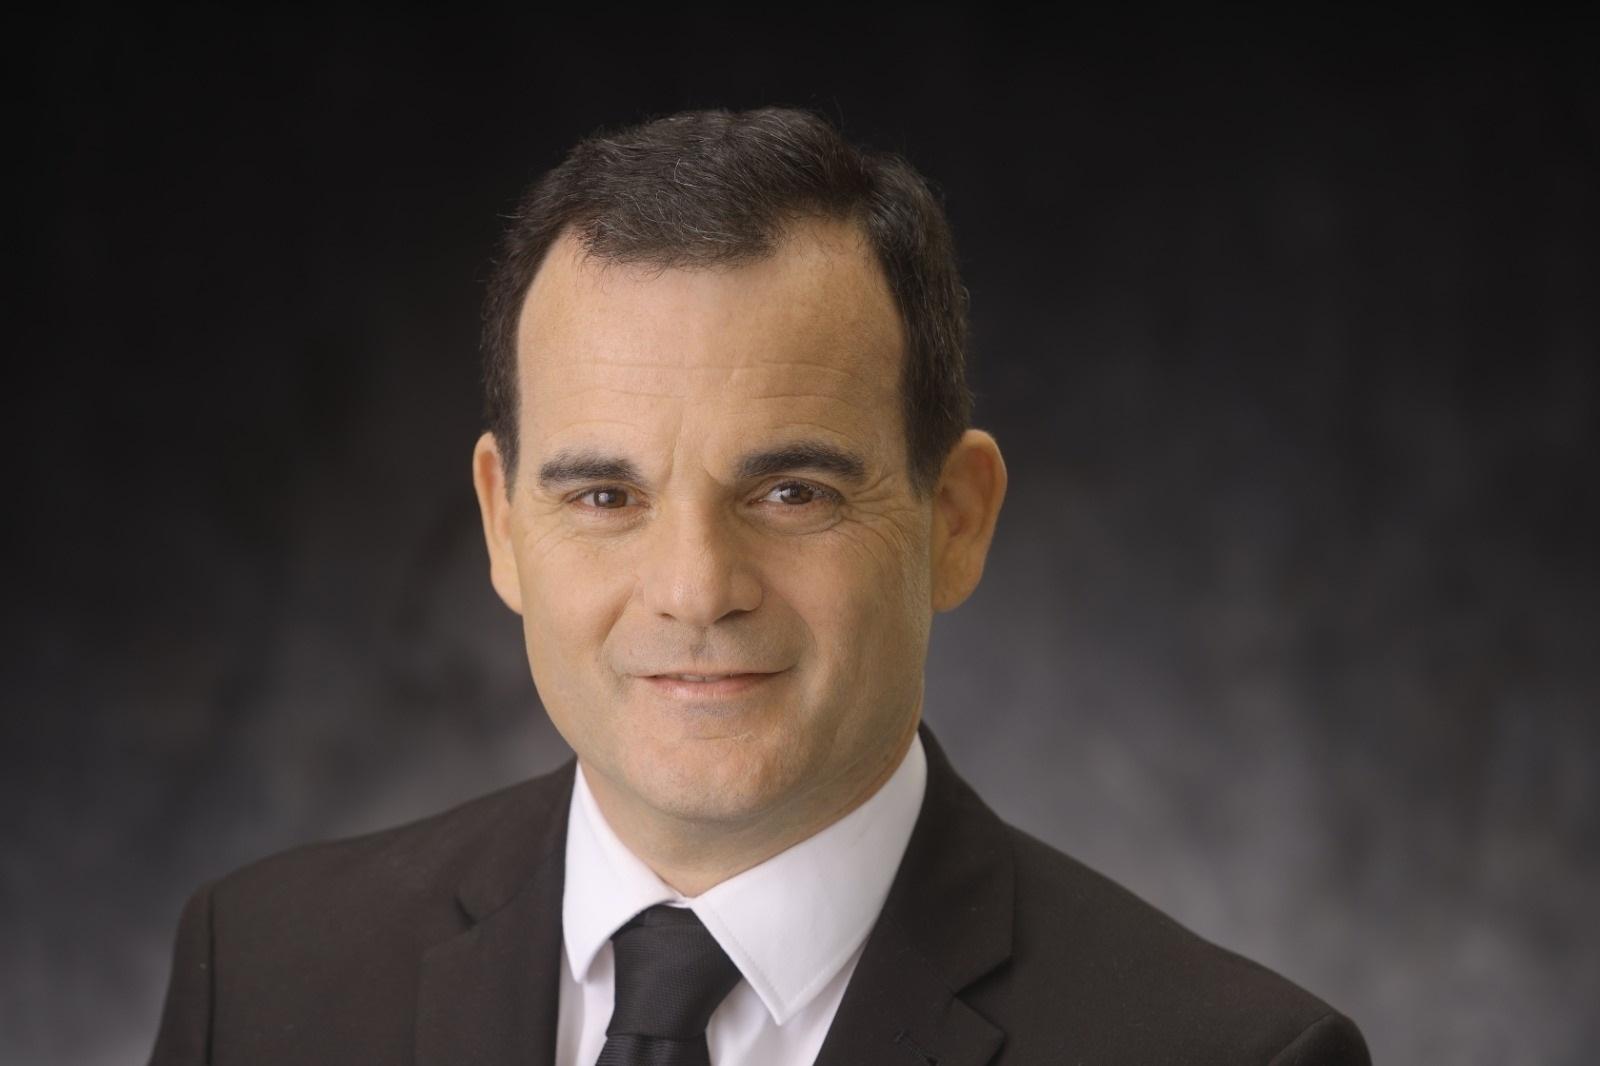 """עו""""ד רם א. גמליאל - ר.א. גמליאל ושות', עורכי-דין"""